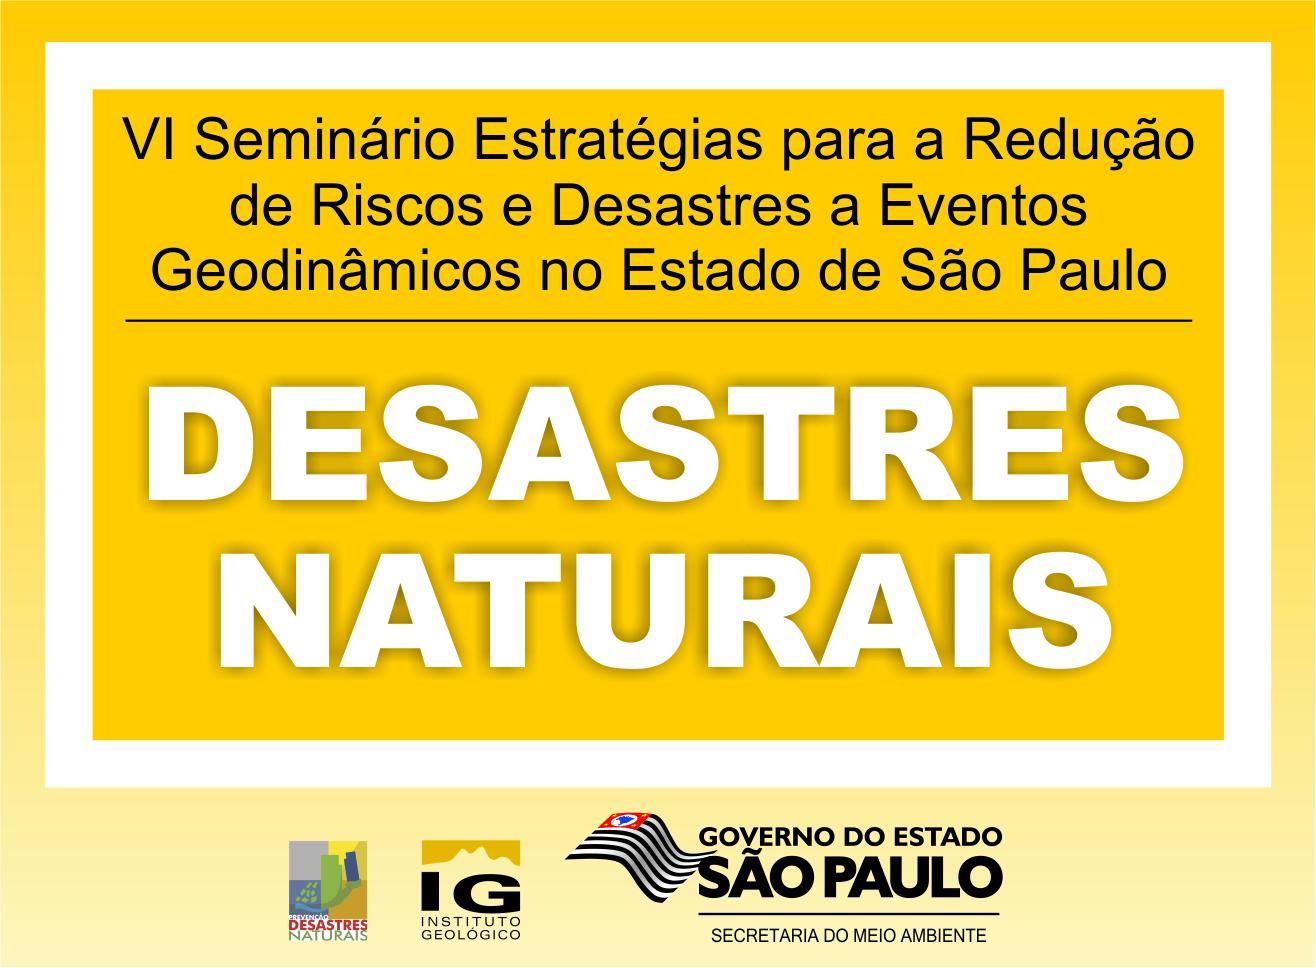 Instituto Geológico promove VI Seminário para redução de riscos e desastres